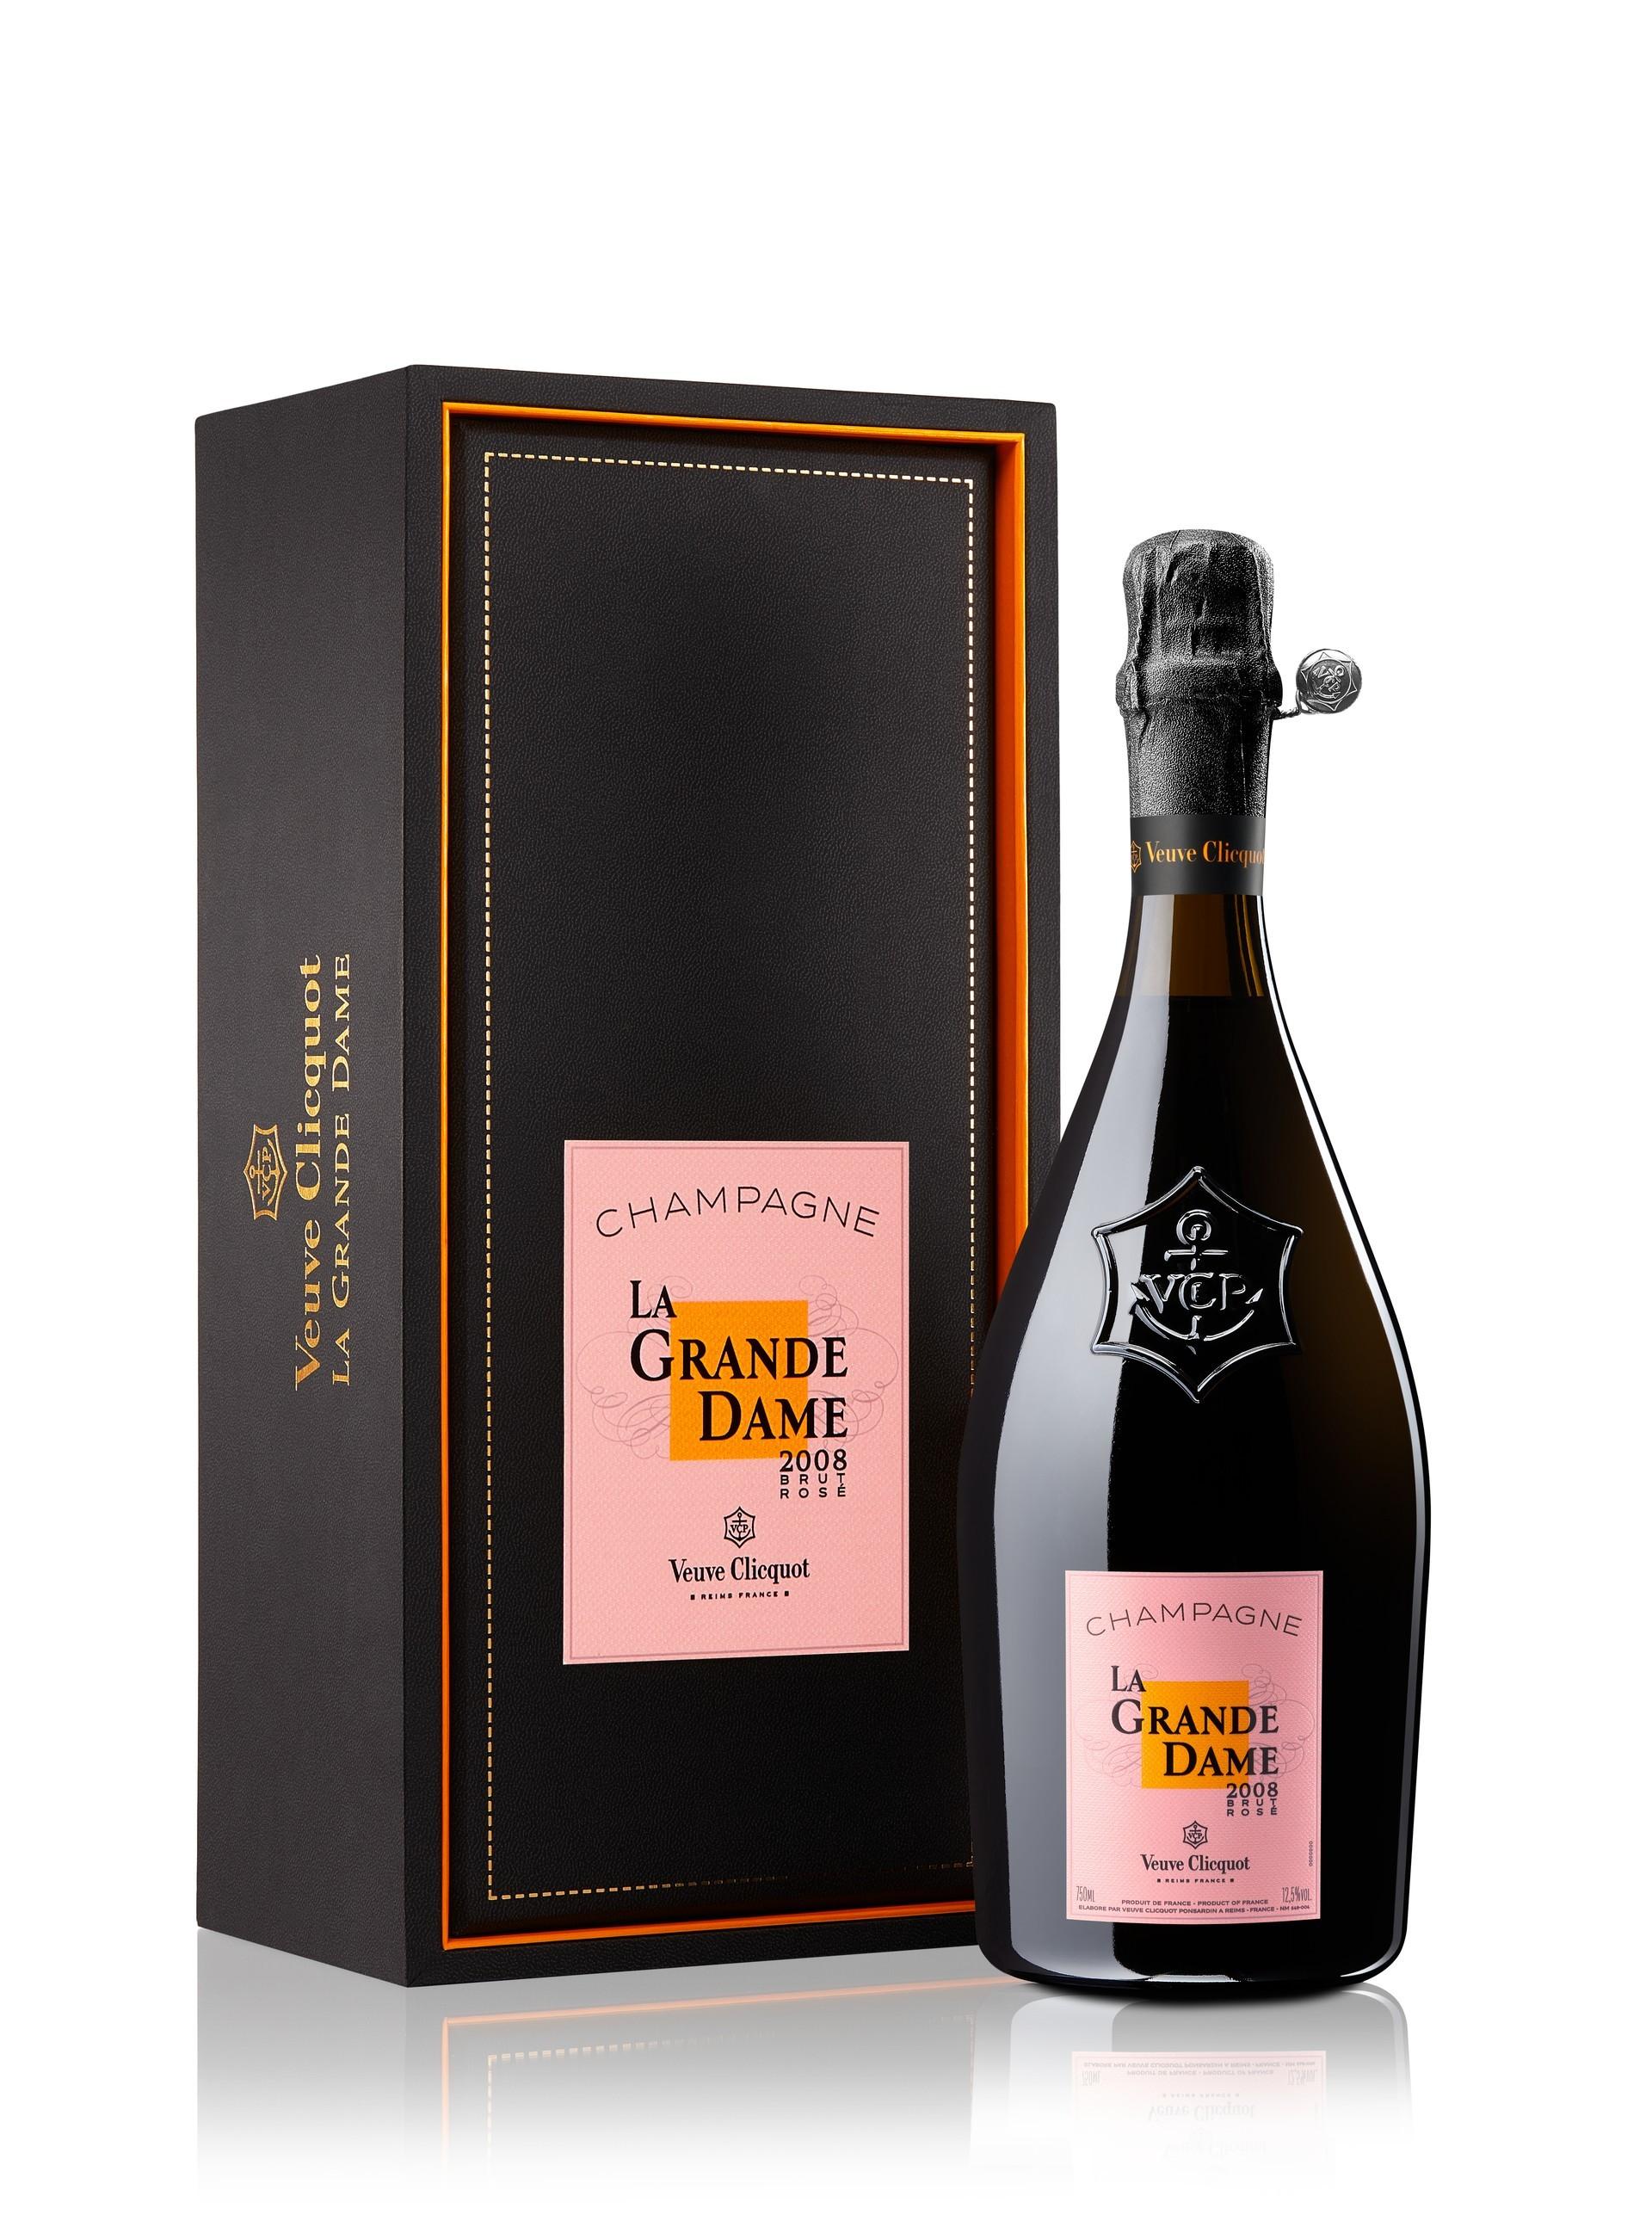 ヴーヴ・クリコの最高級ライン「ラ・グランダム 2008」が登場。その優雅さに酔いしれたい!【飲むんだったら、イケてるワイン/特別編】_1_4-2